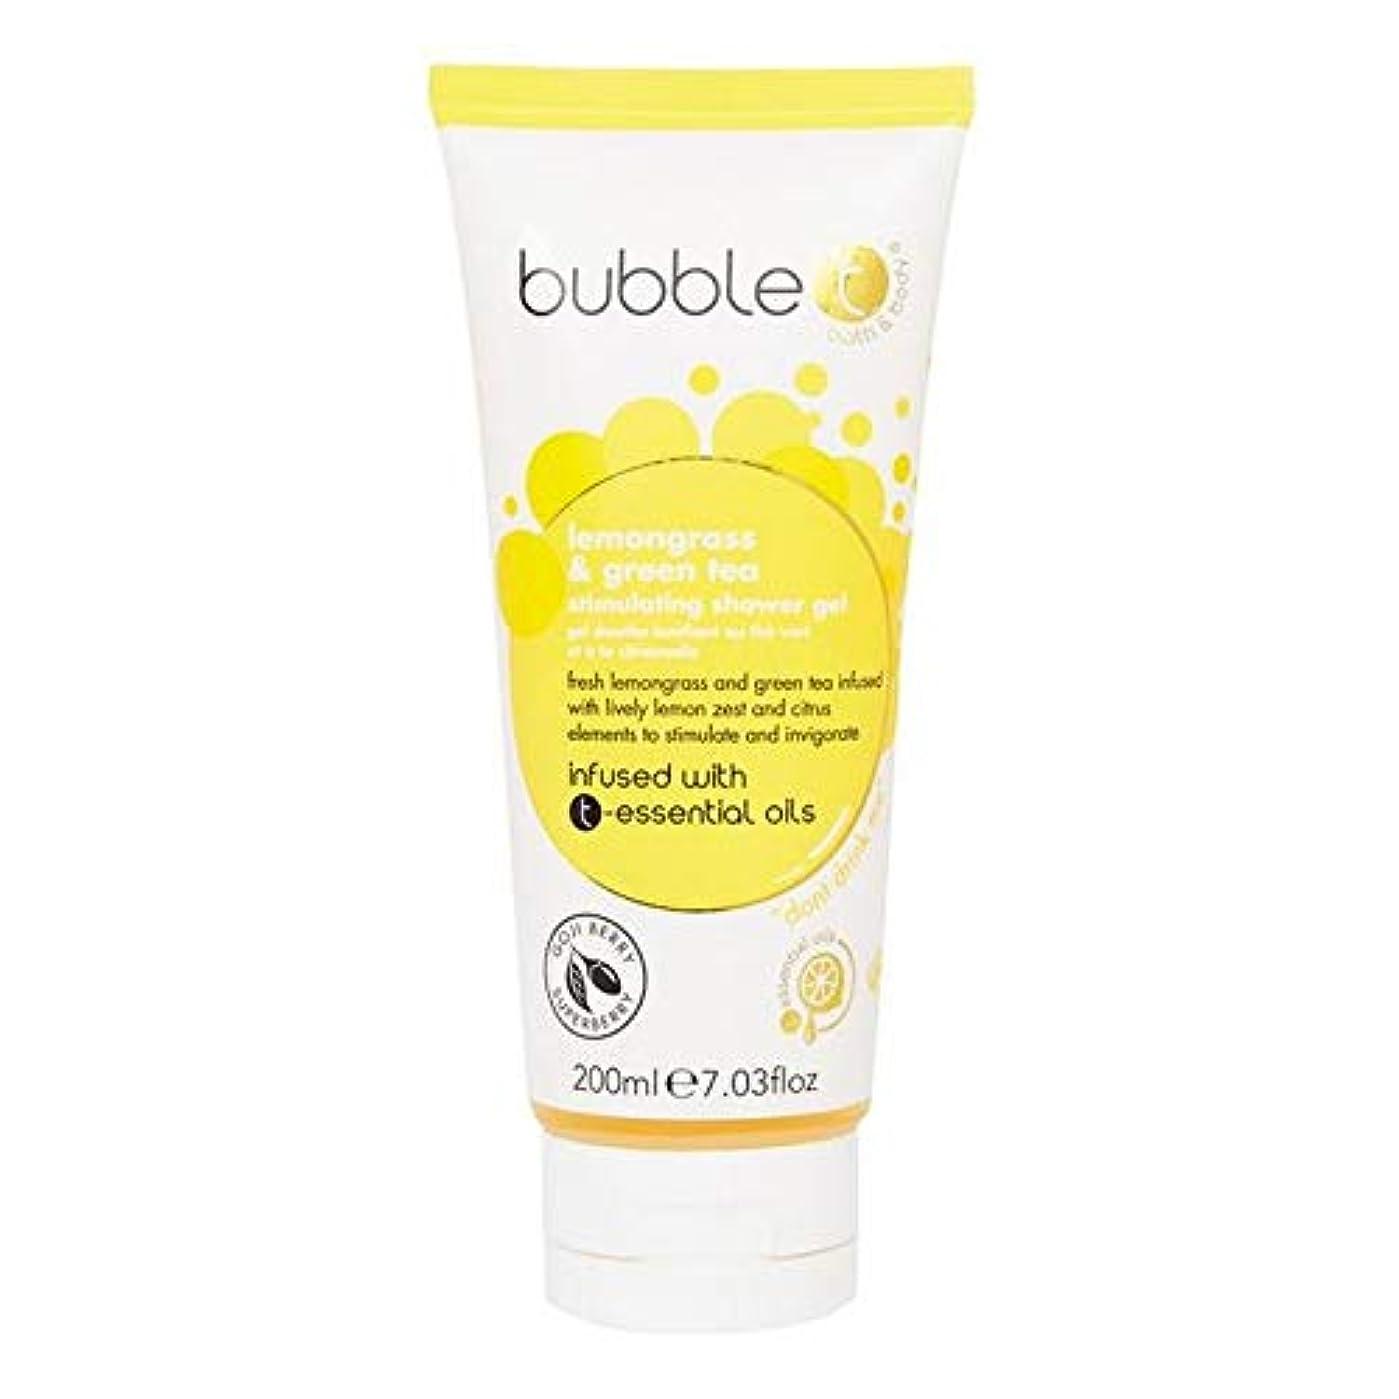 入植者本質的にアリ[Bubble T ] バブルトン化粧品シャワージェル、レモングラス&緑茶200ミリリットル - Bubble T Cosmetics Shower Gel, Lemongrass & Green Tea 200ml [...